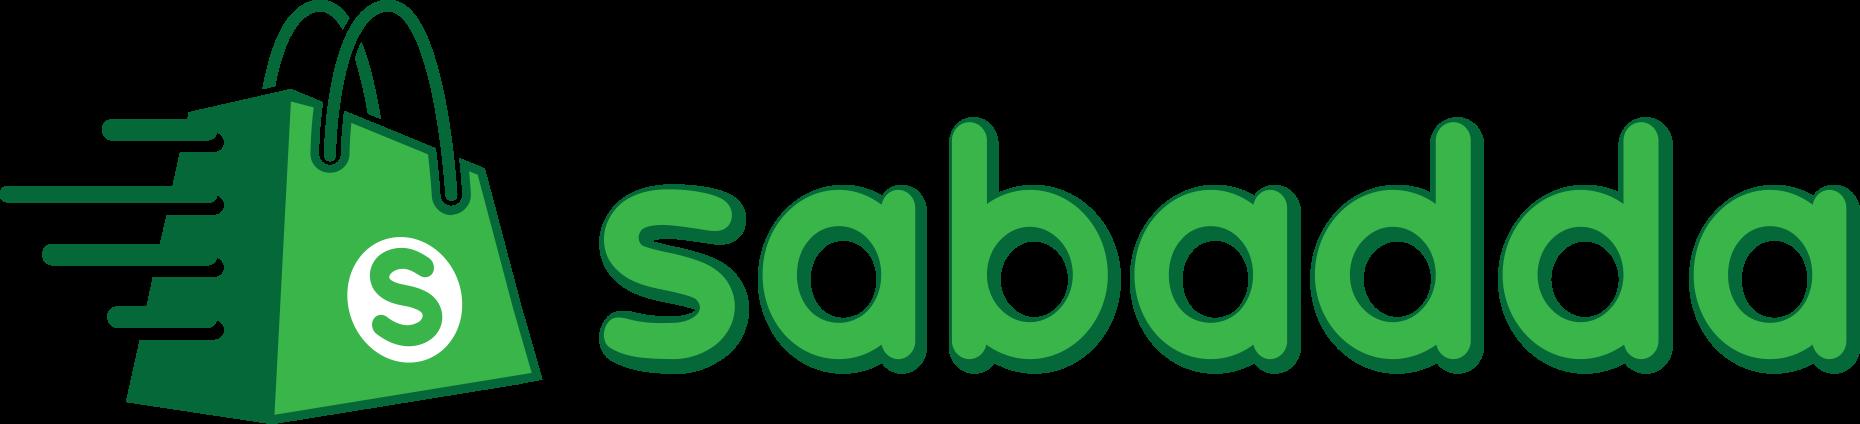 Read Sabadda Reviews